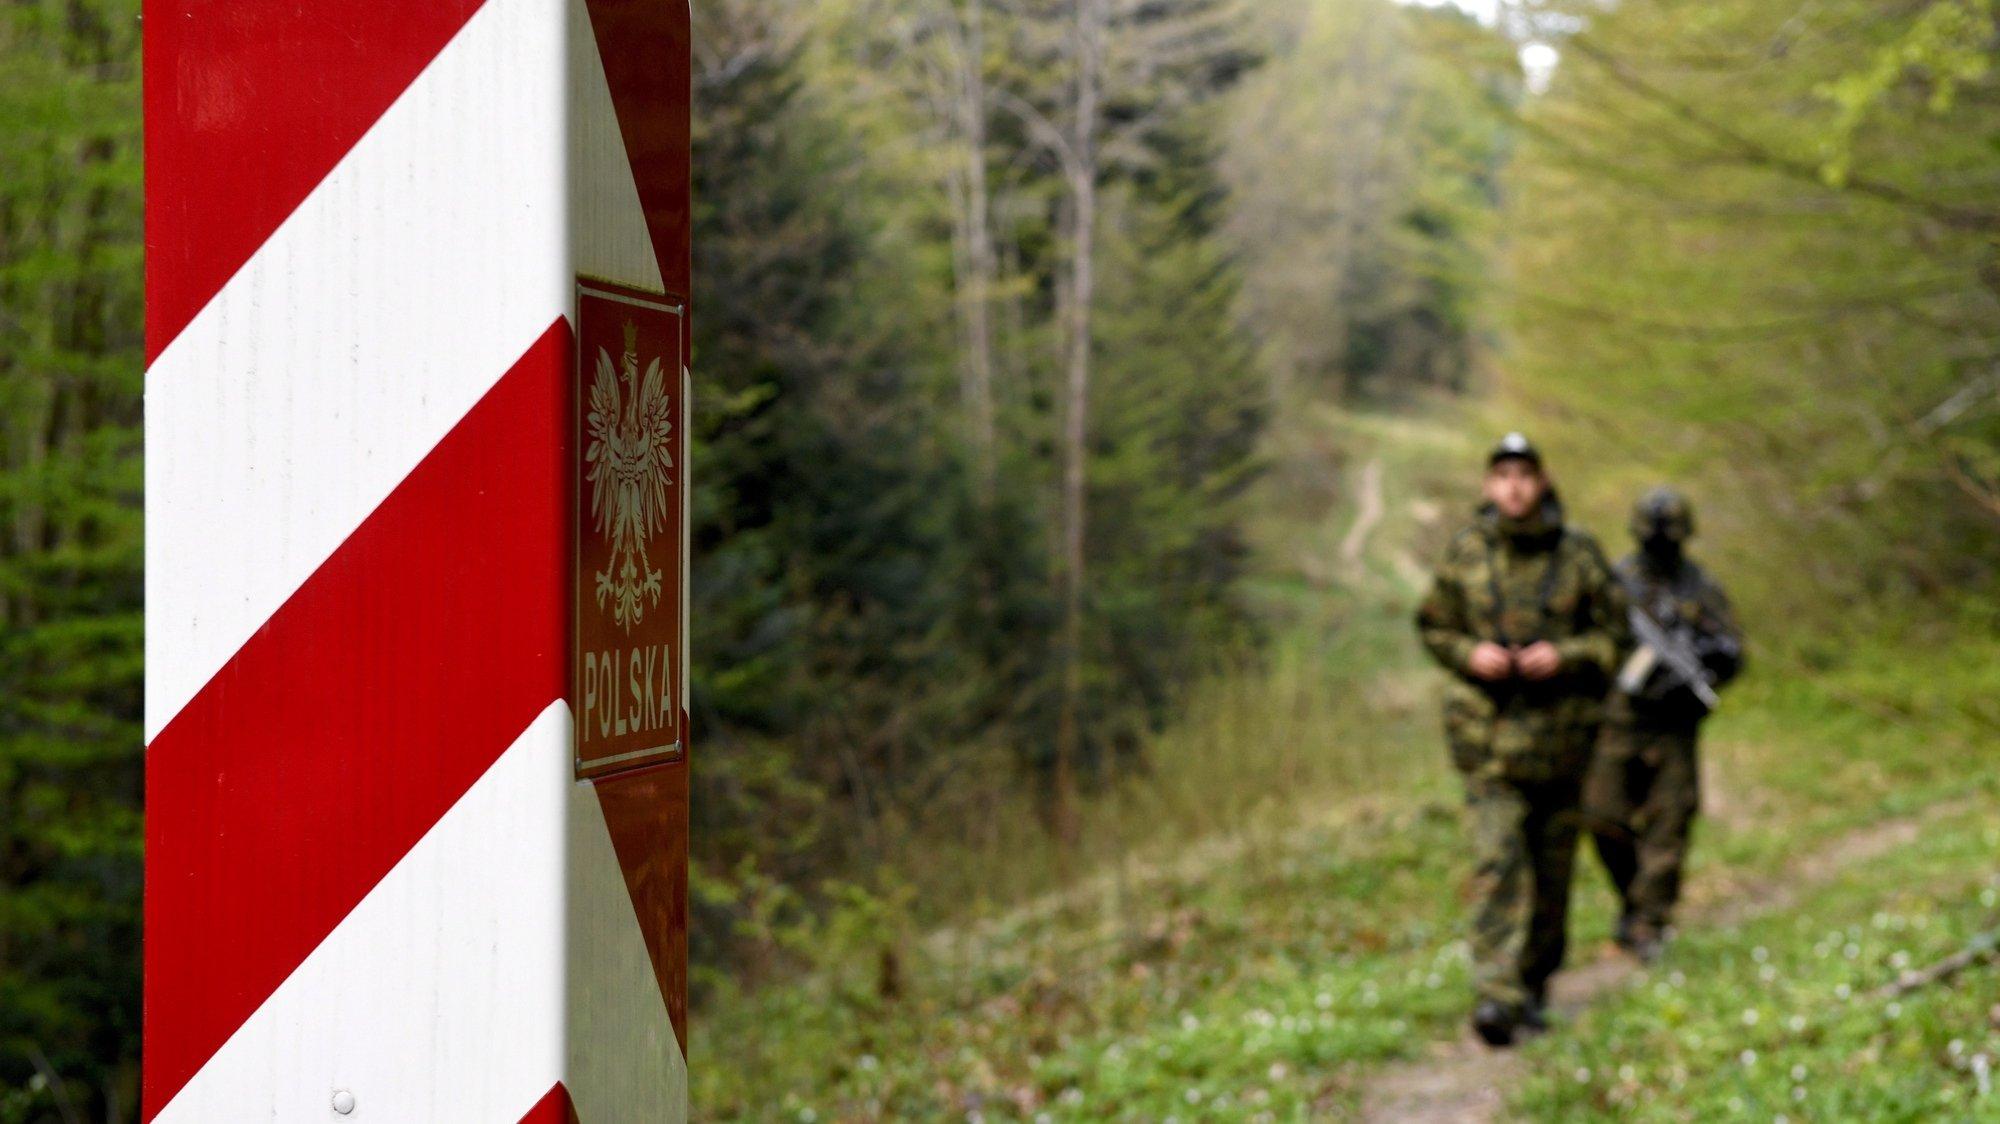 Patrulha de militares polacos na fronteira com a polónia e a Ucrânia